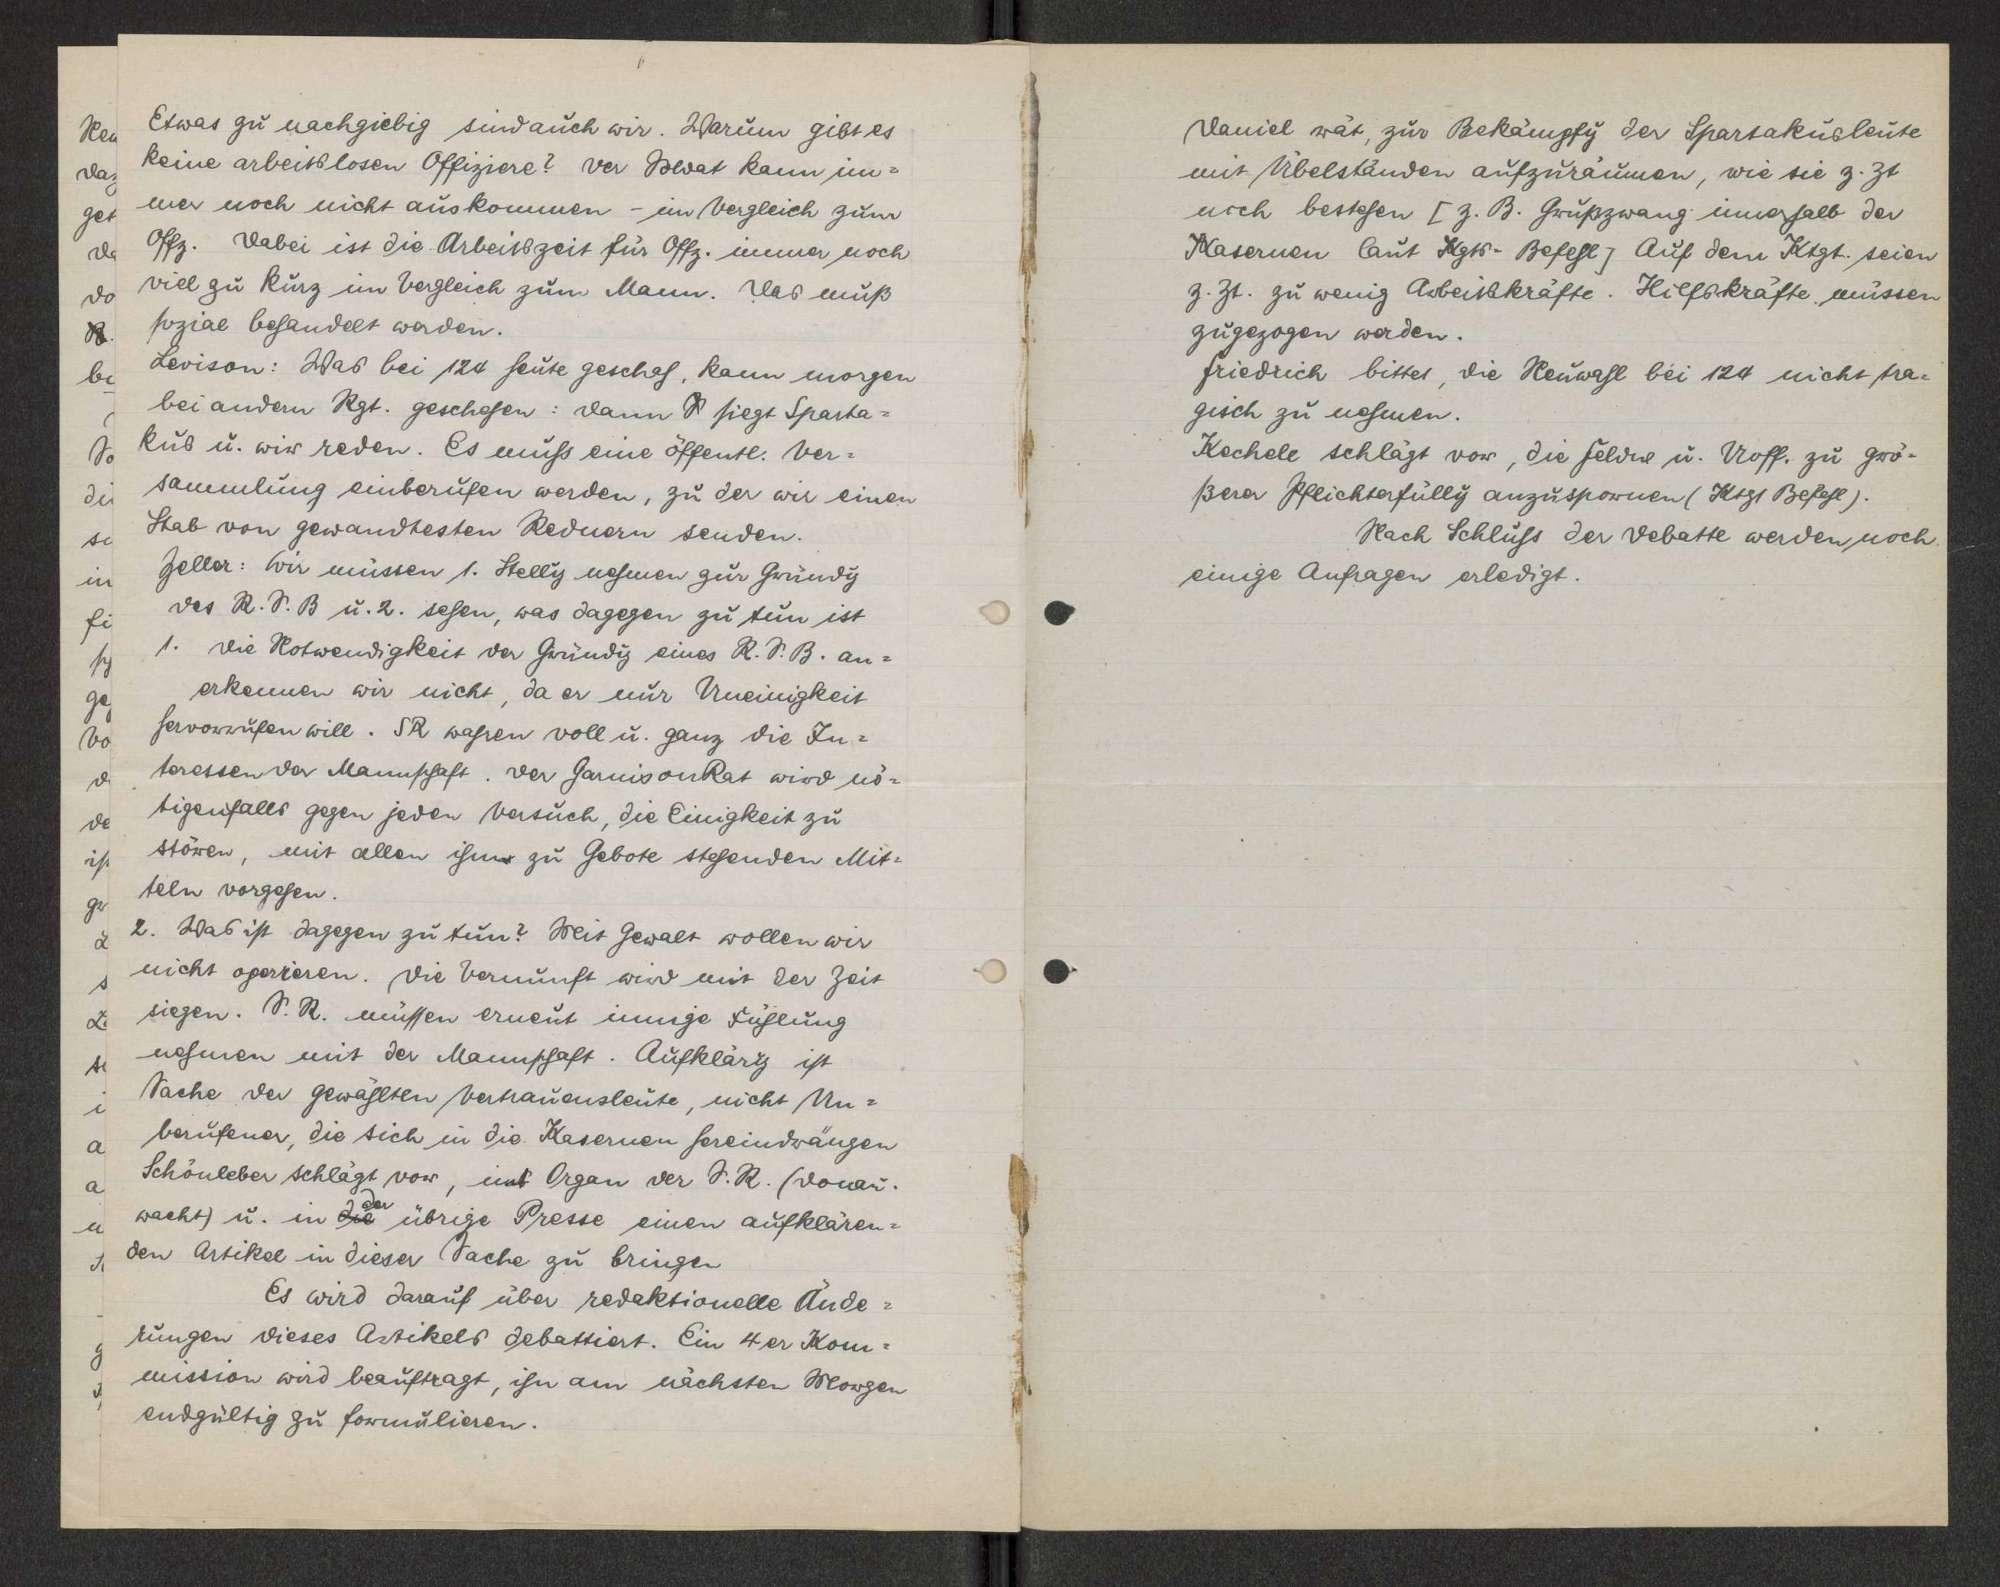 Protokolle der Vollsitzungen der Arbeiter- und Soldatenräte Ulms Darin: Zeitungsbericht über die Vollsitzung am 20. Feb. 1919., Bild 3